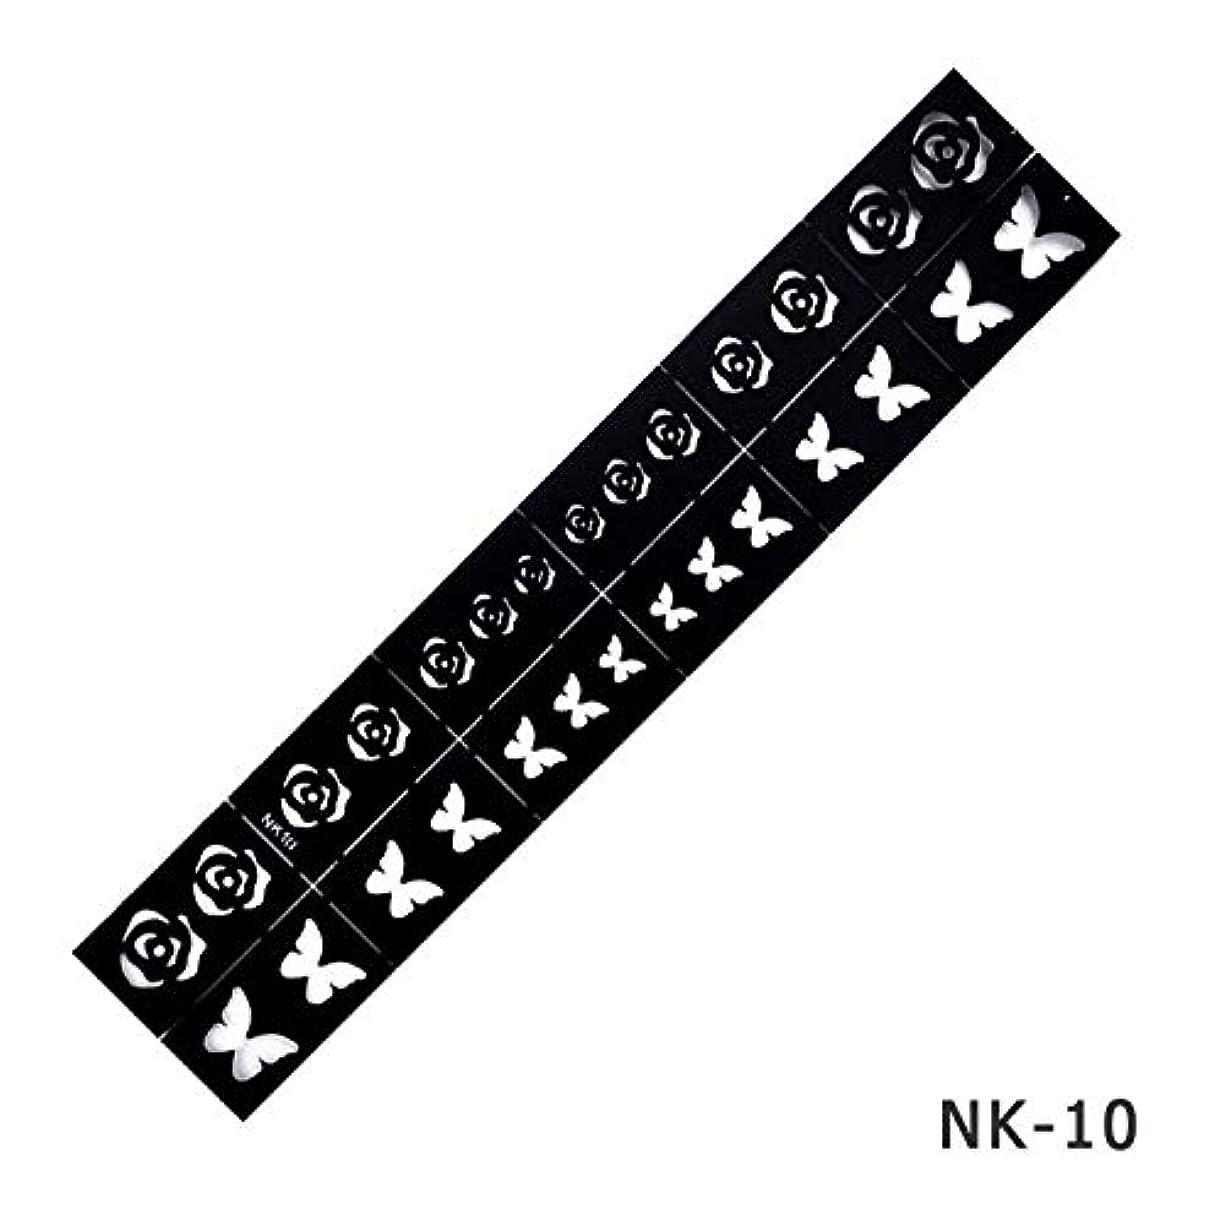 伝説家トムオードリースSUKTI&XIAO ネイルステッカー 1シートネイルアートのヒントガイド中空ステッカークリスタルネイルテンプレート3Dステンシルデカールフォームスタイリングツール、Nk10